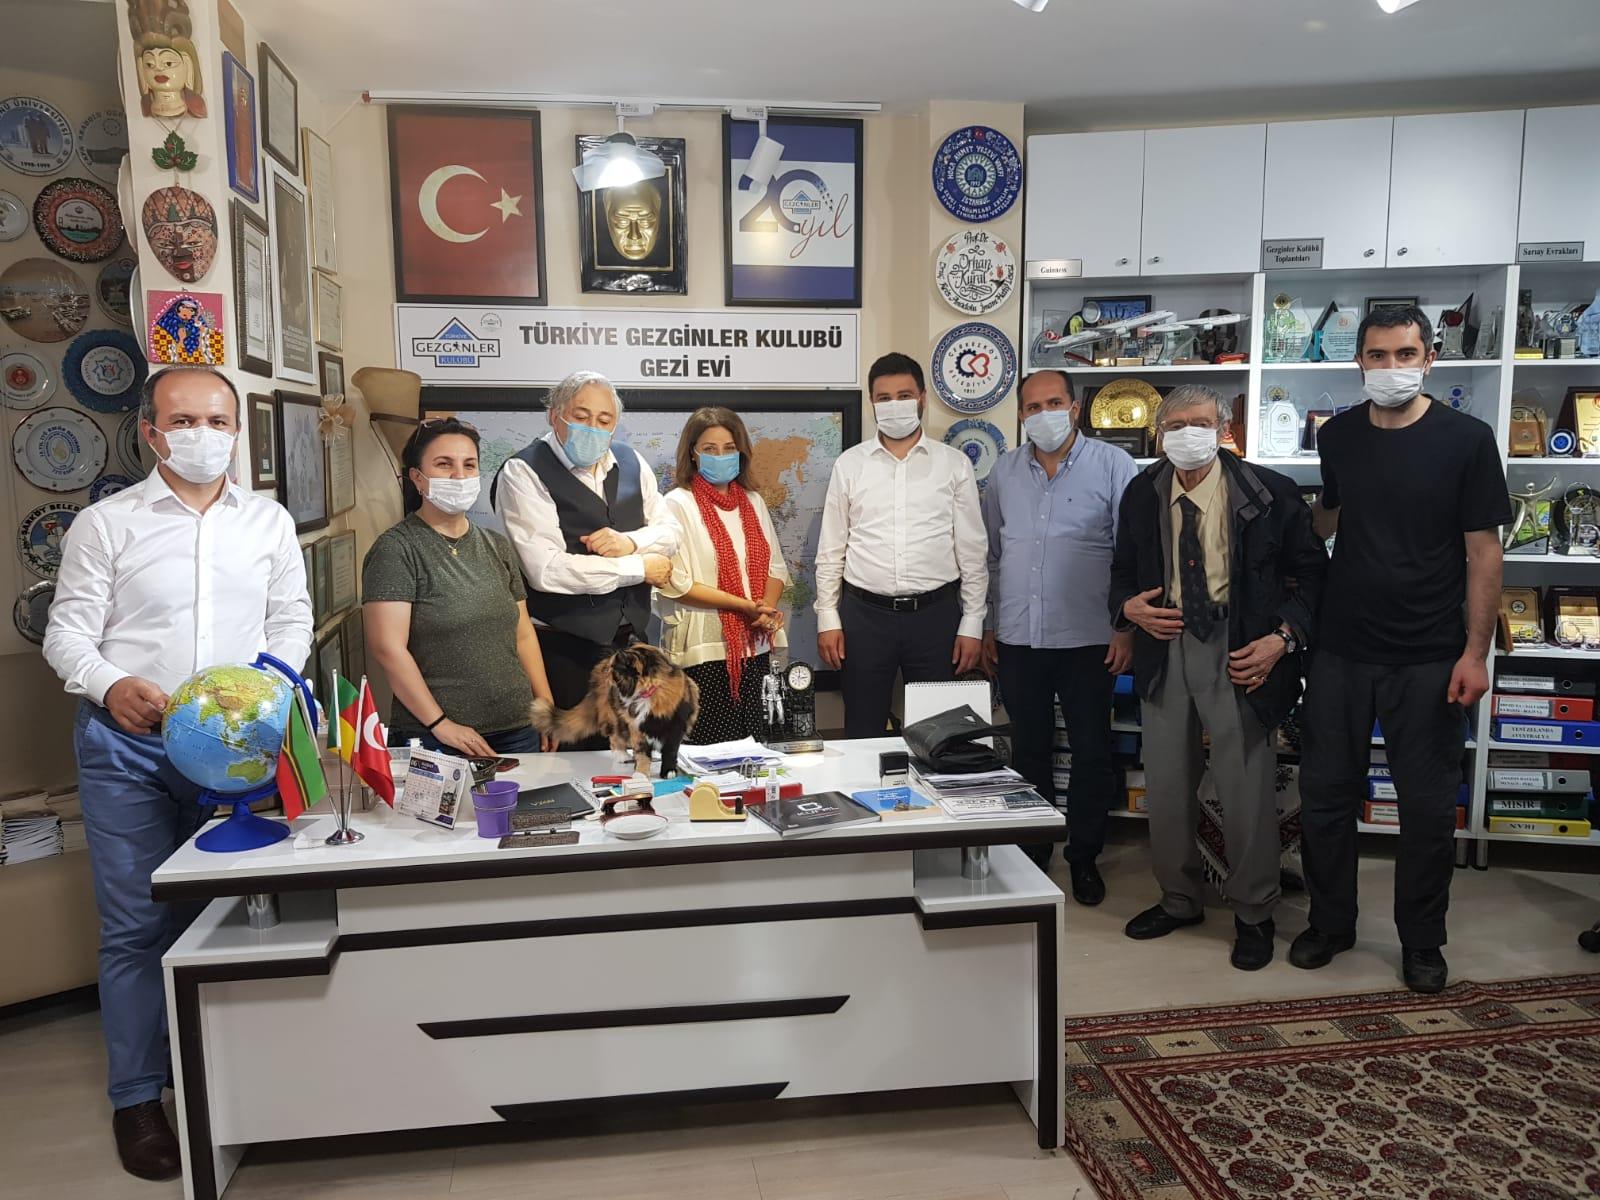 Kağıthane Belediye Başkanı Mevlüt Öztekin'den Anlamlı Ziyaret